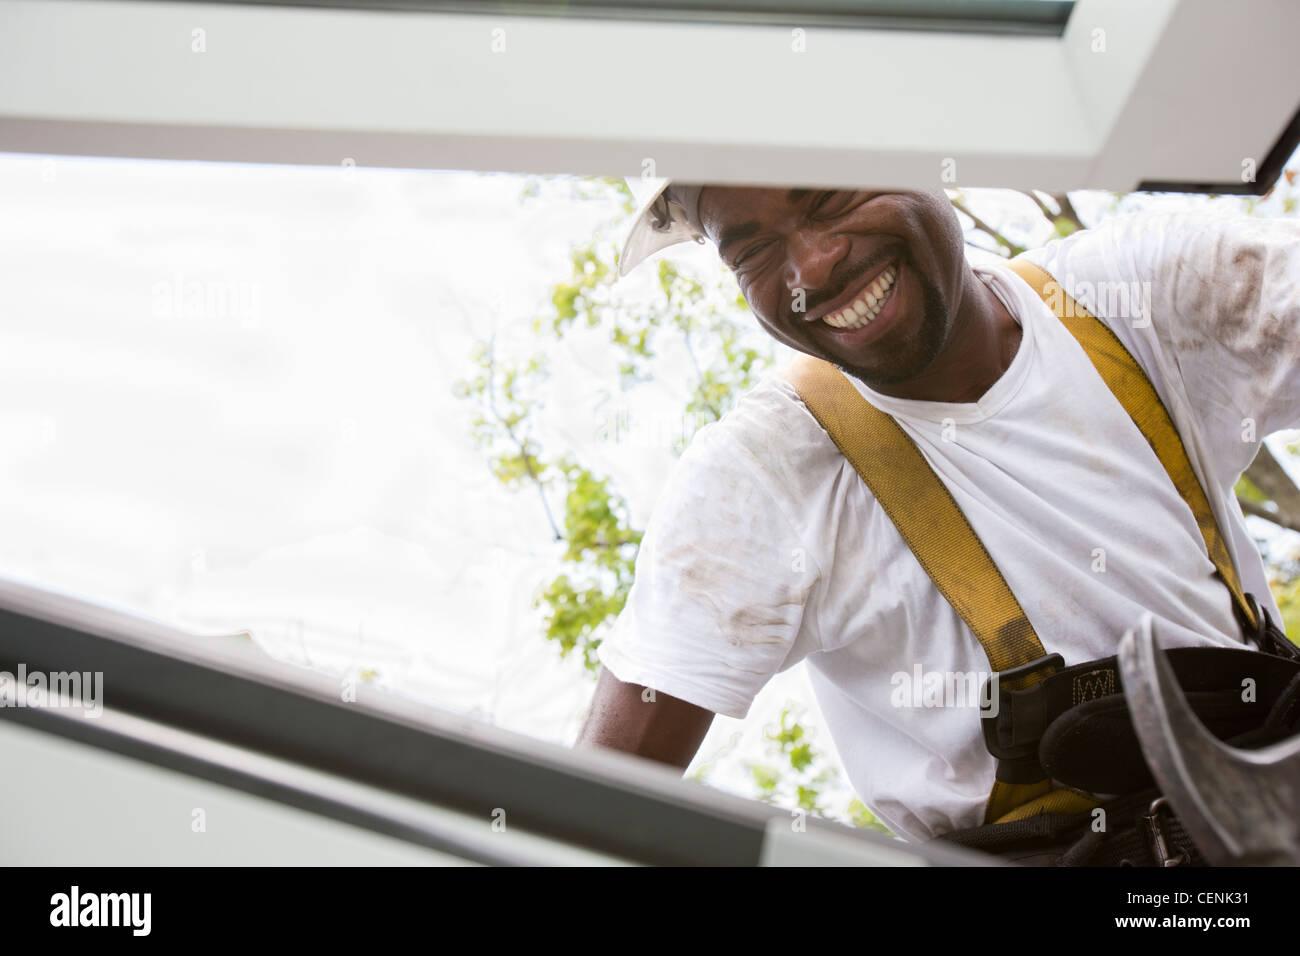 Tischler Prüfung Einbau der Dachfenster Stockfoto